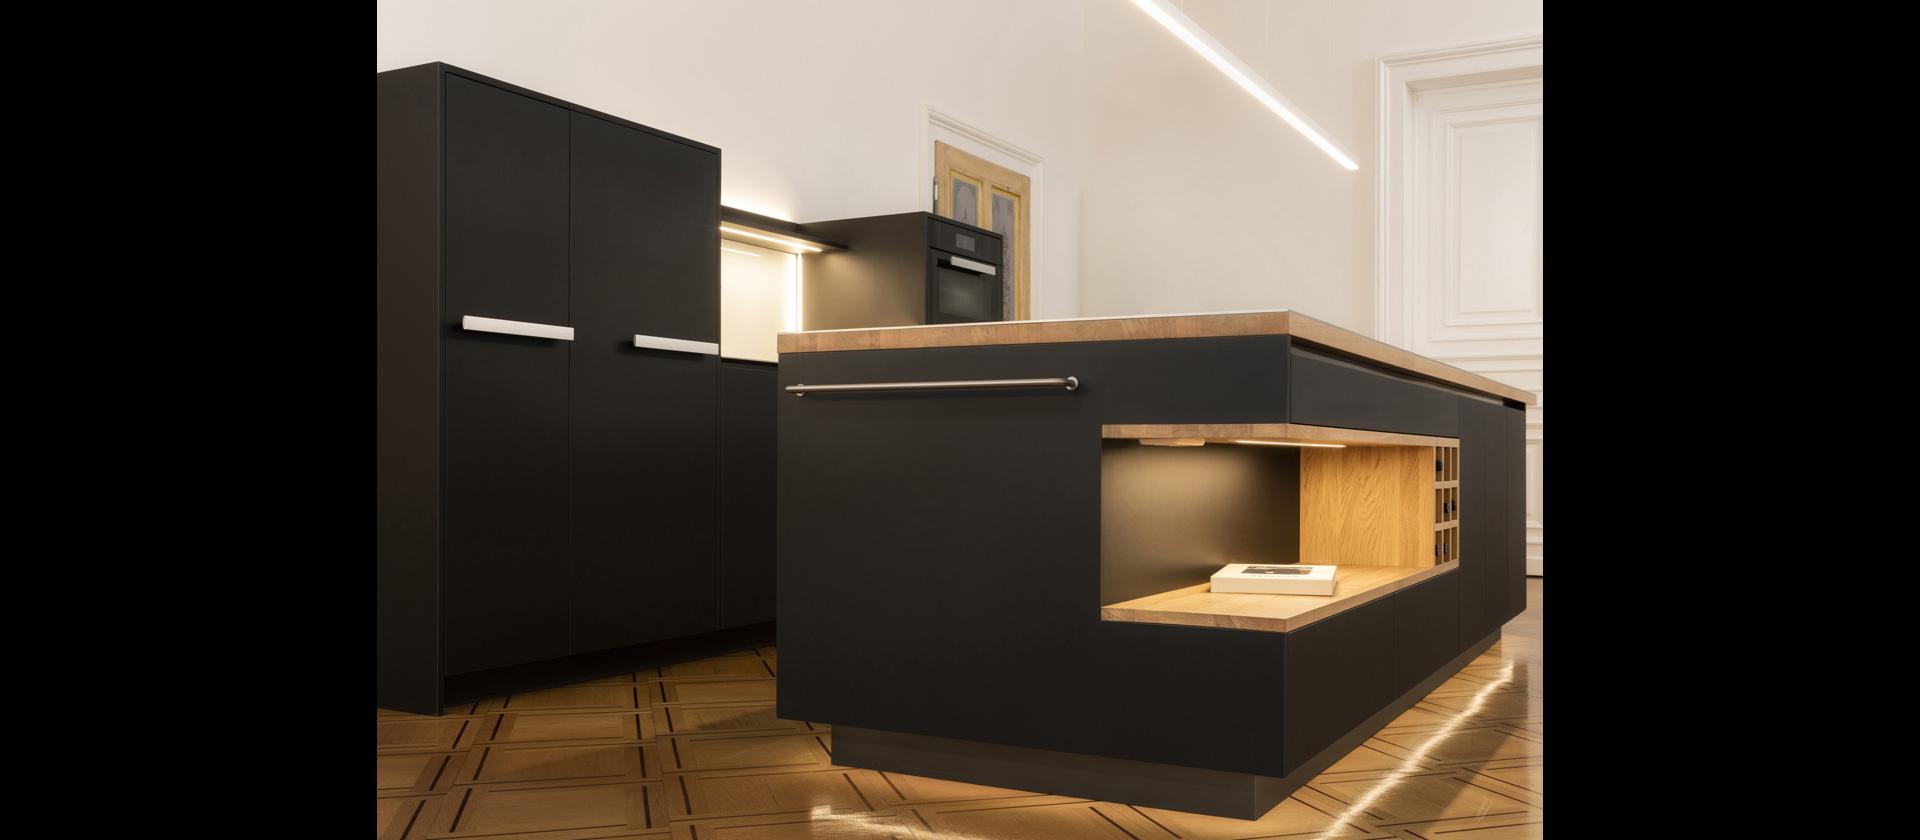 gro artig k che schwarz zeitgen ssisch die besten wohnideen. Black Bedroom Furniture Sets. Home Design Ideas